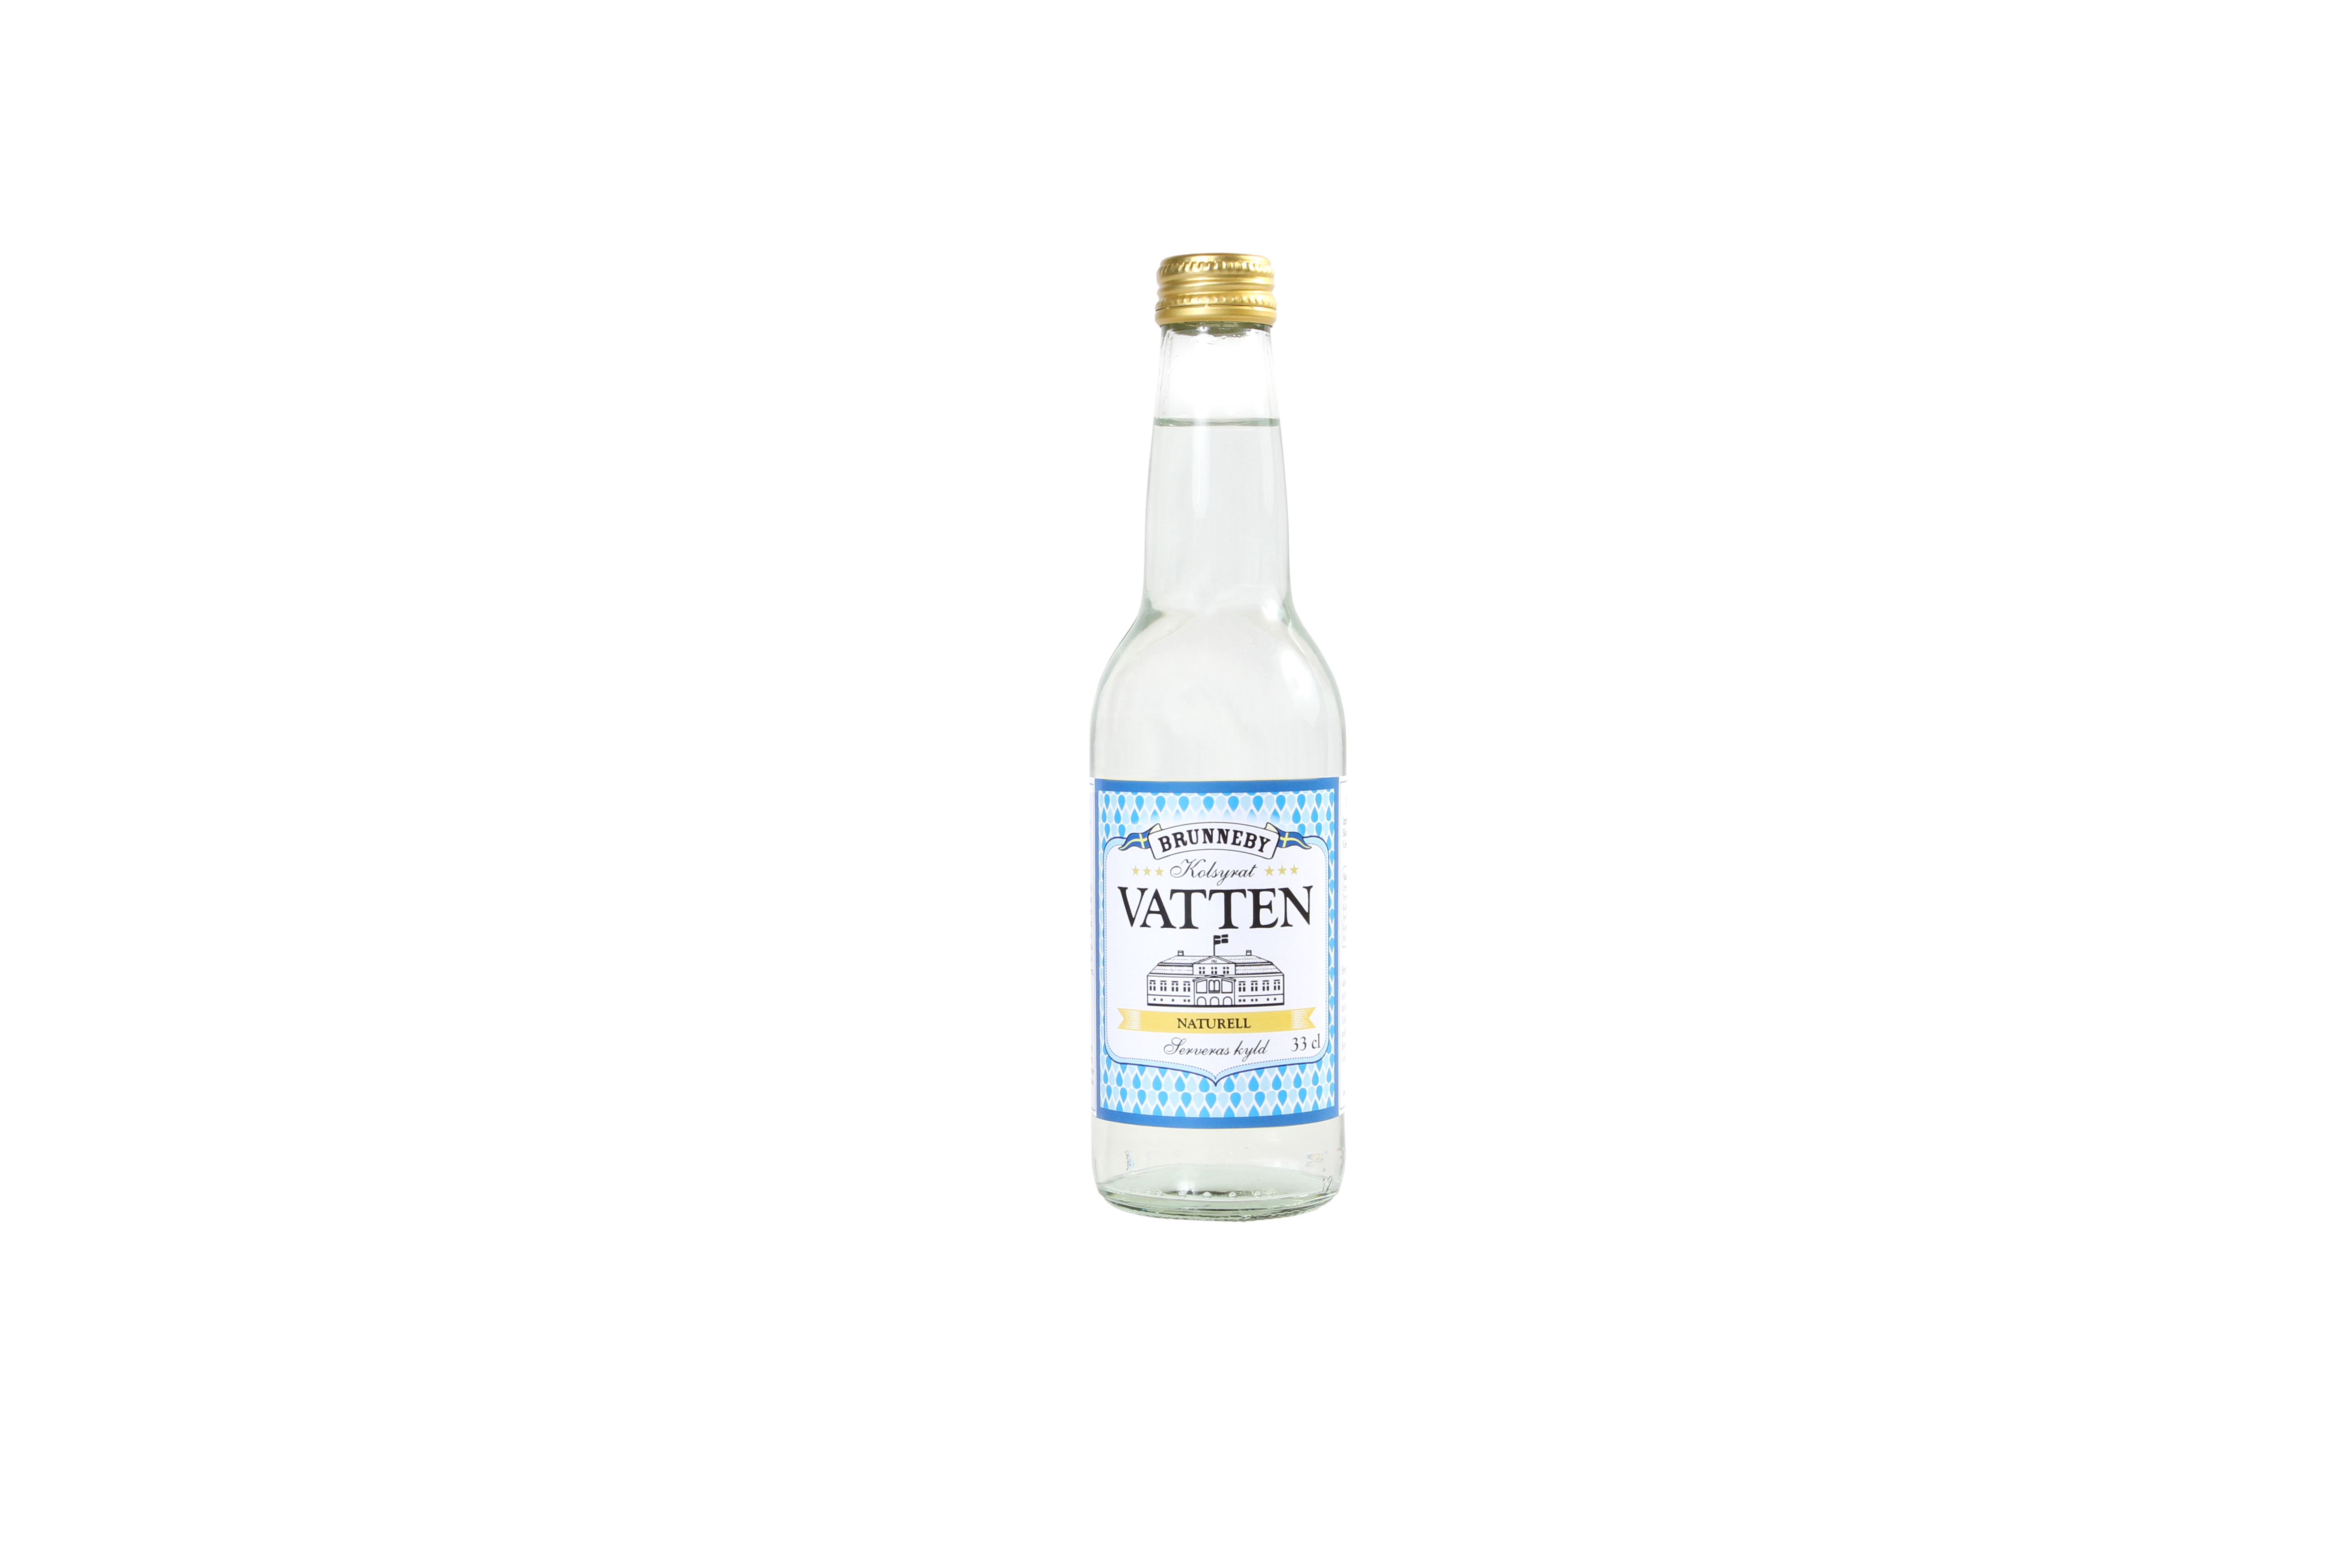 Högupplöst bild på Kolsyrat vatten naturell i 33cl flaska.